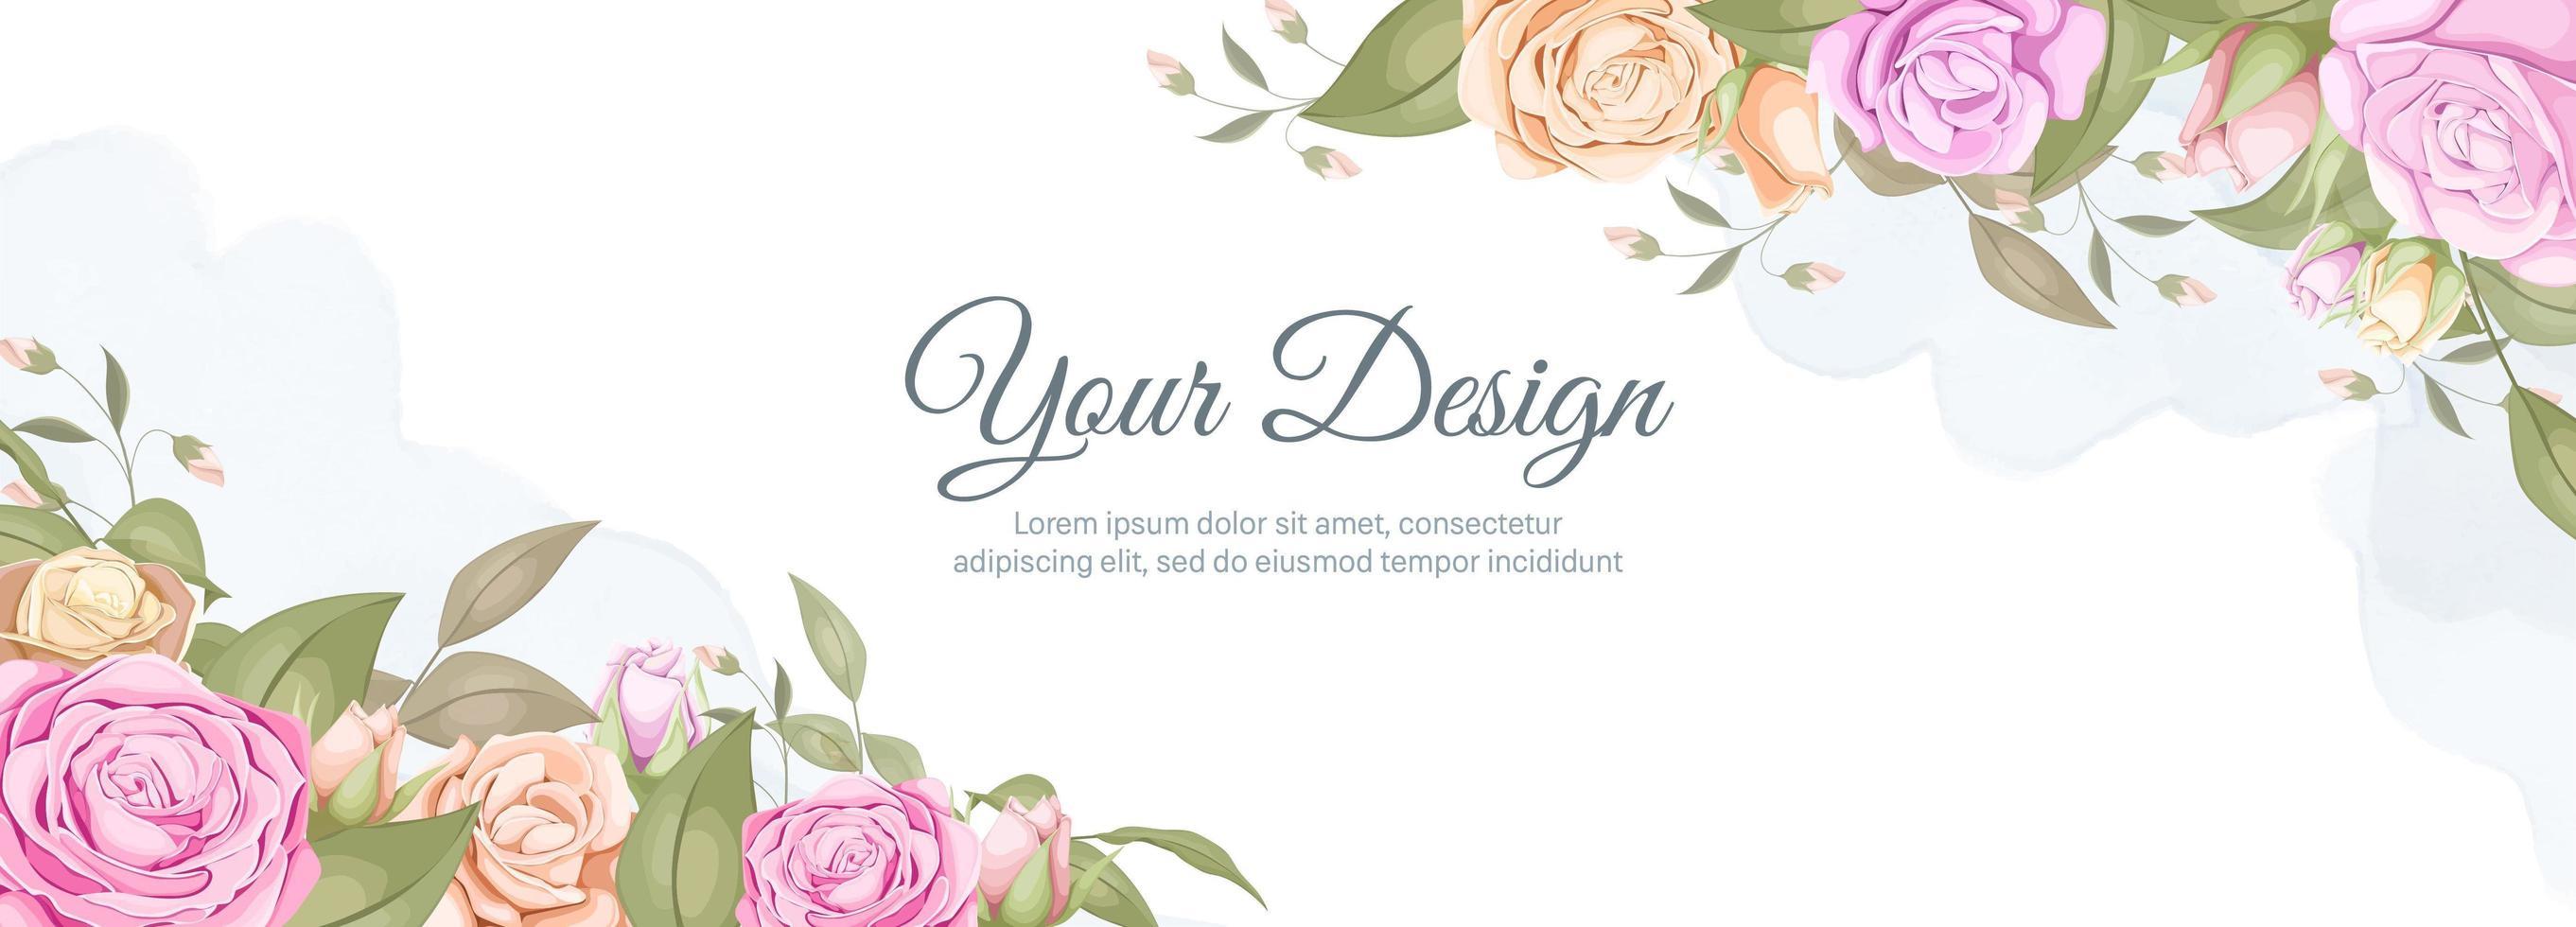 aquarel roos bruiloft banner vector